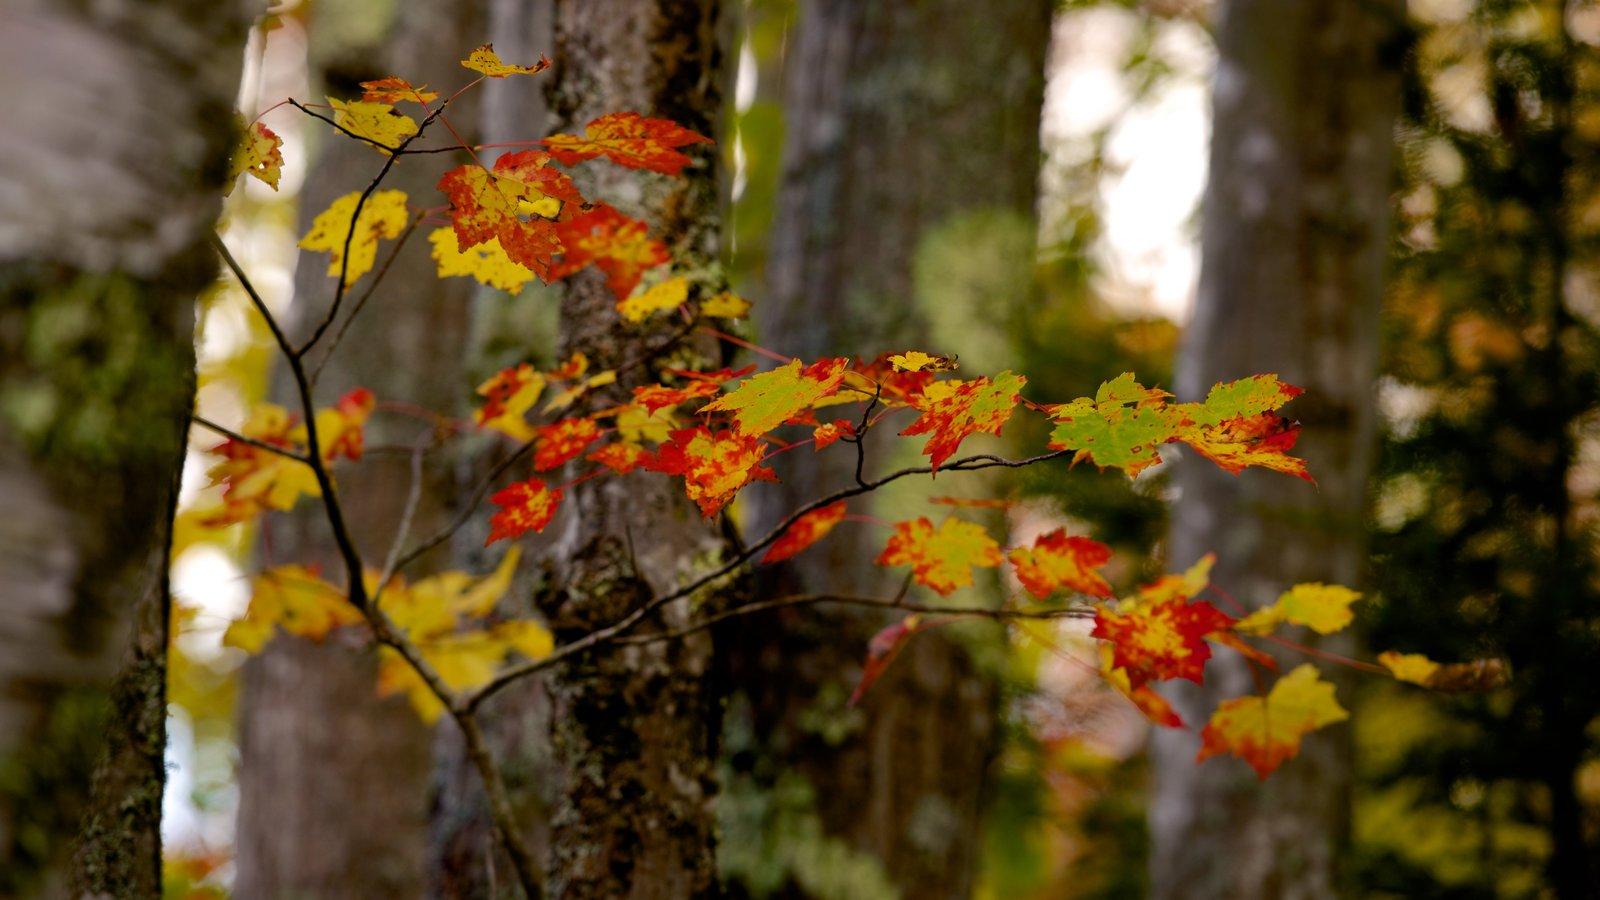 Acadia - Costa septentrional ofreciendo los colores del otoño